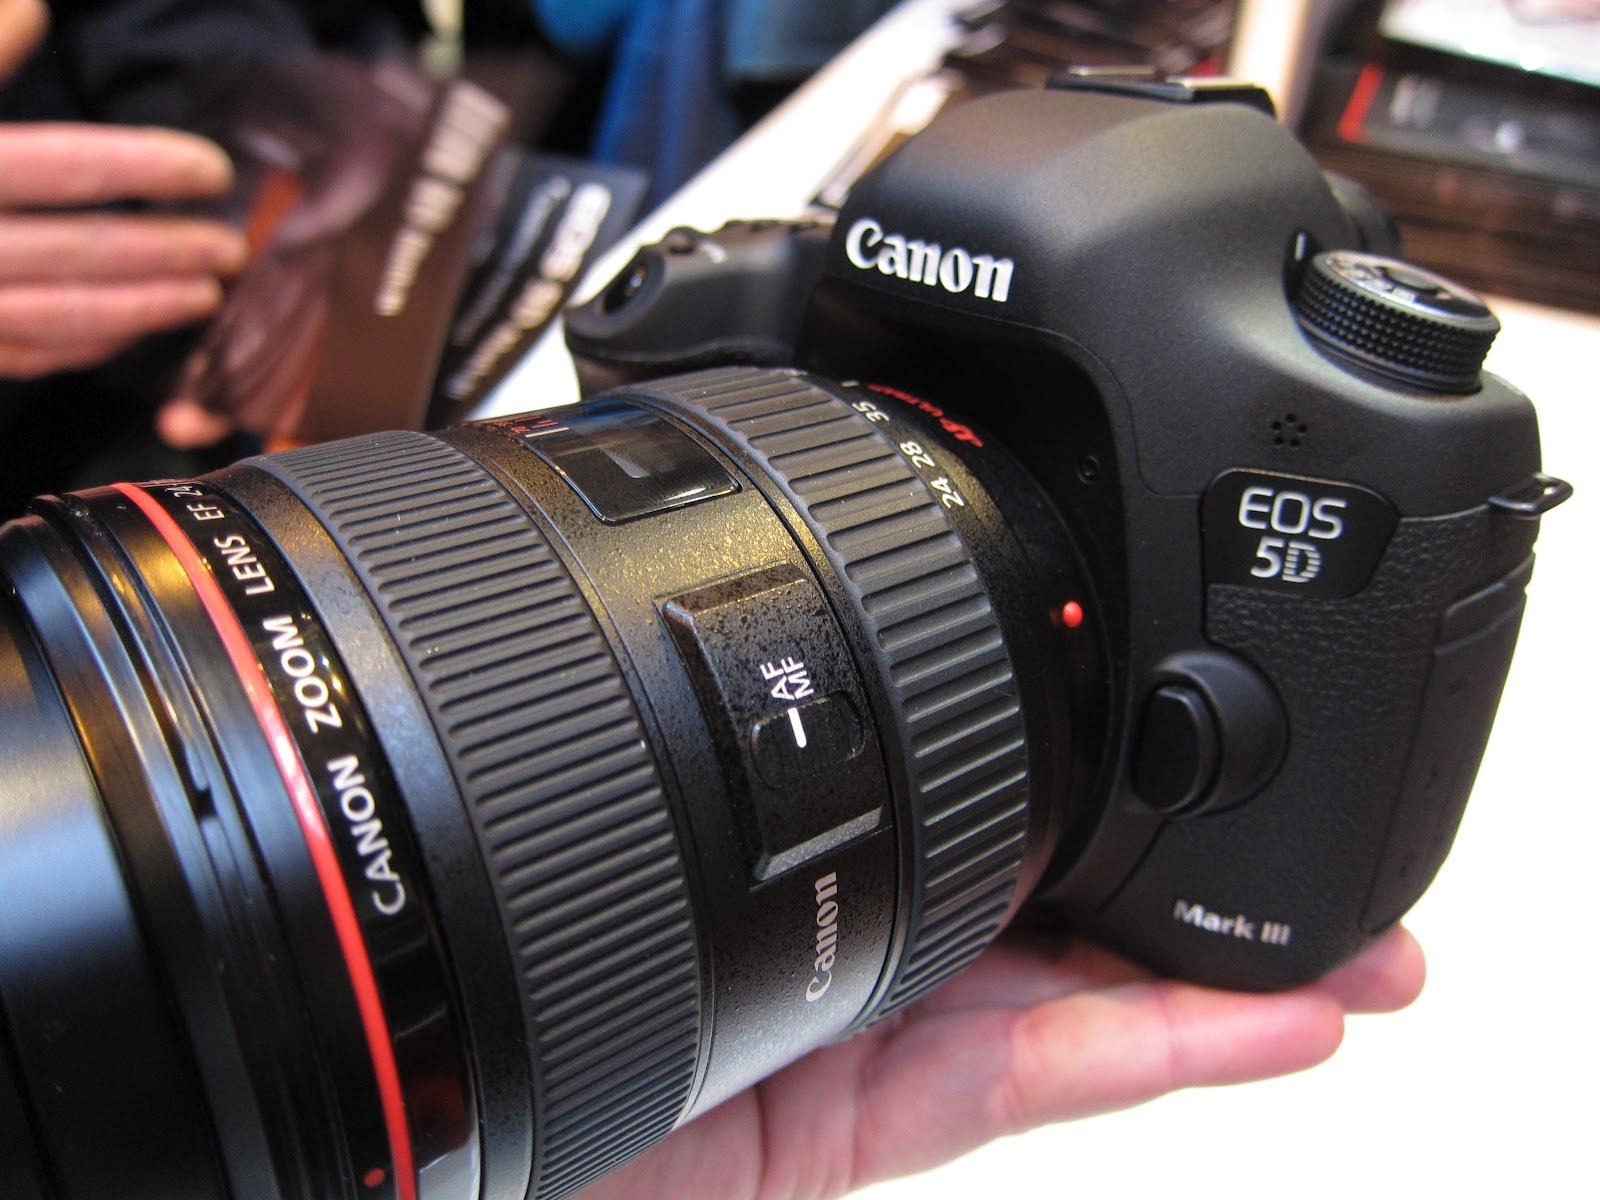 Daftar Harga Kamera Digital Terbaru 2013 Informasi Teknologi